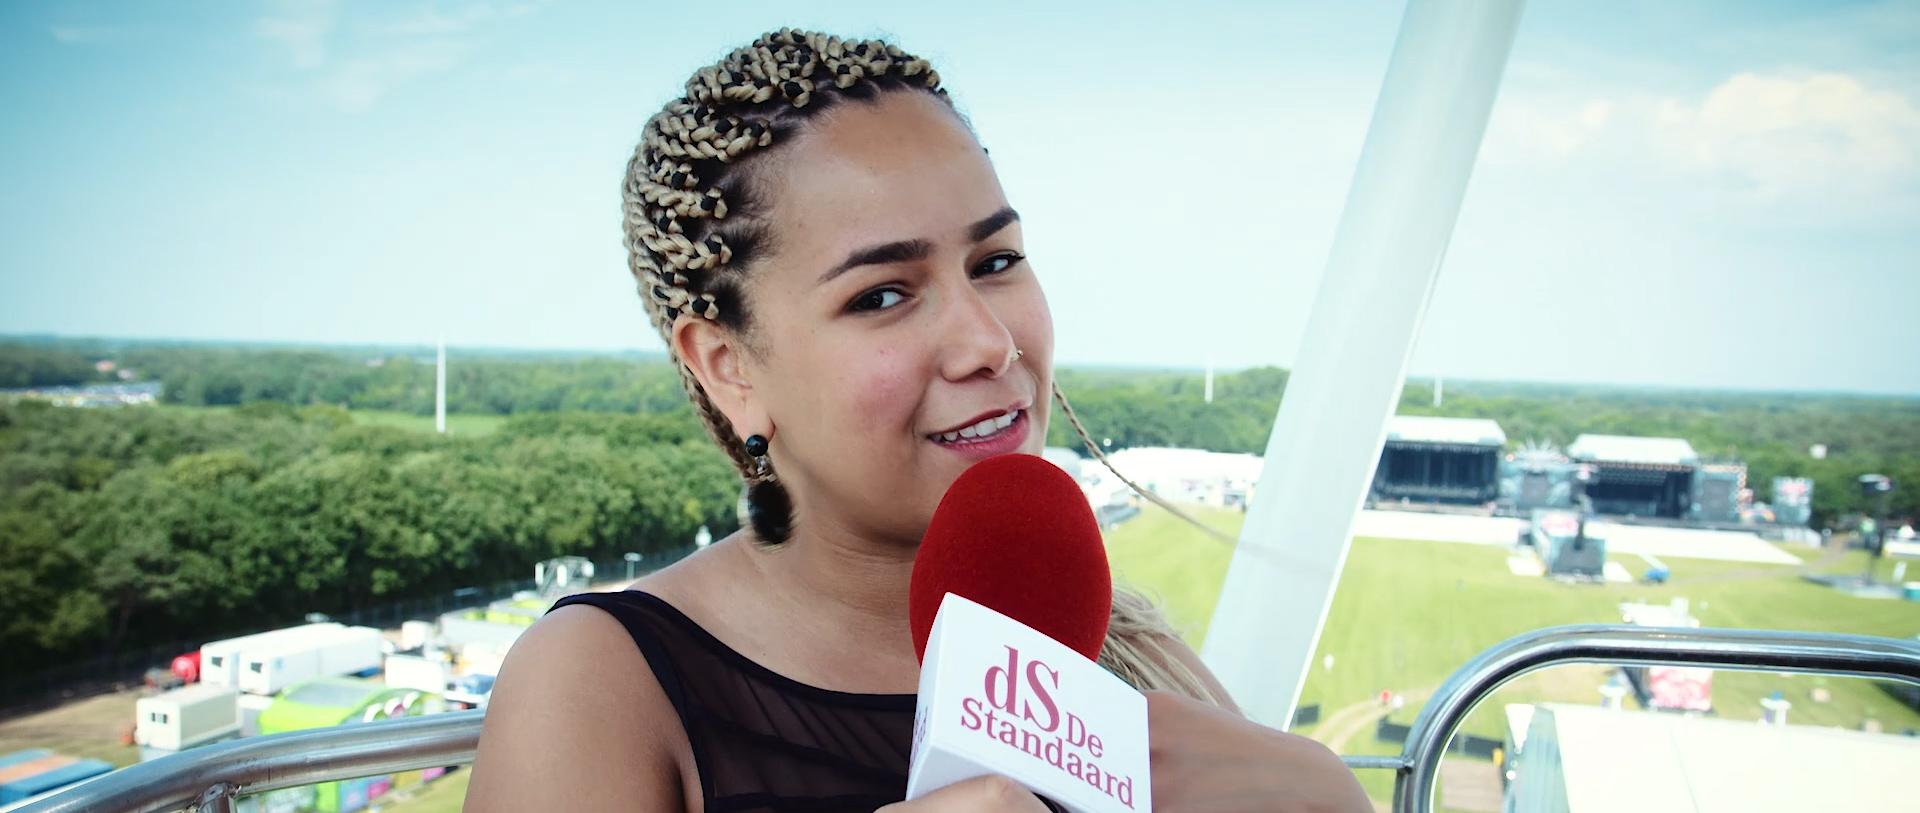 DS Festivals 2017 - Reports on Belgian festival summer